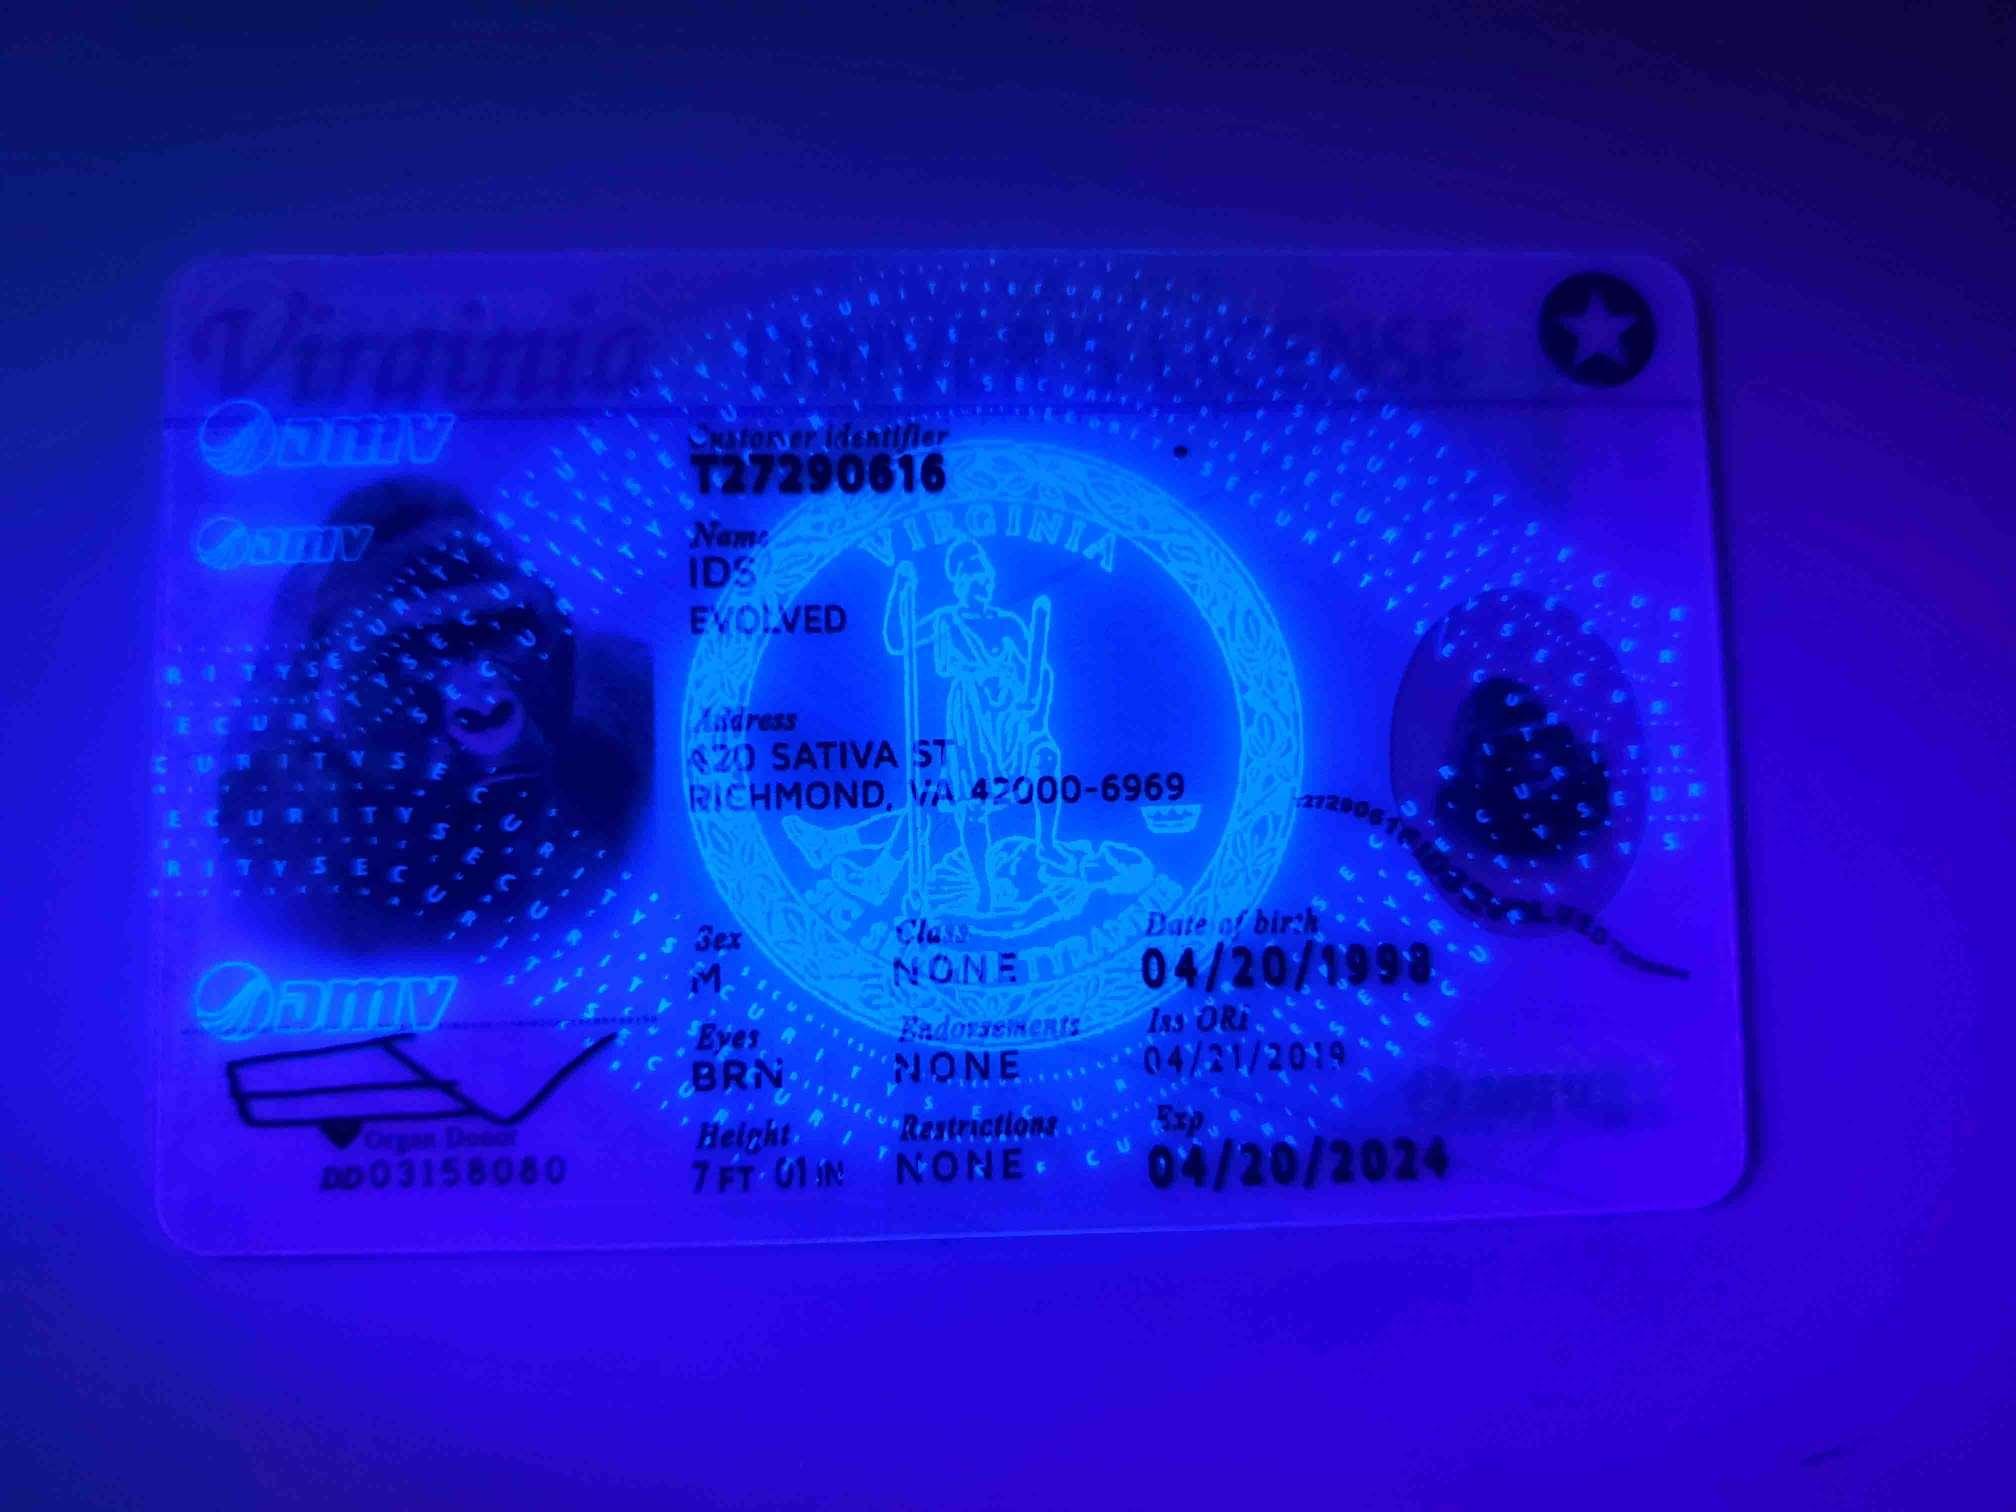 Virginia Fake ID UV